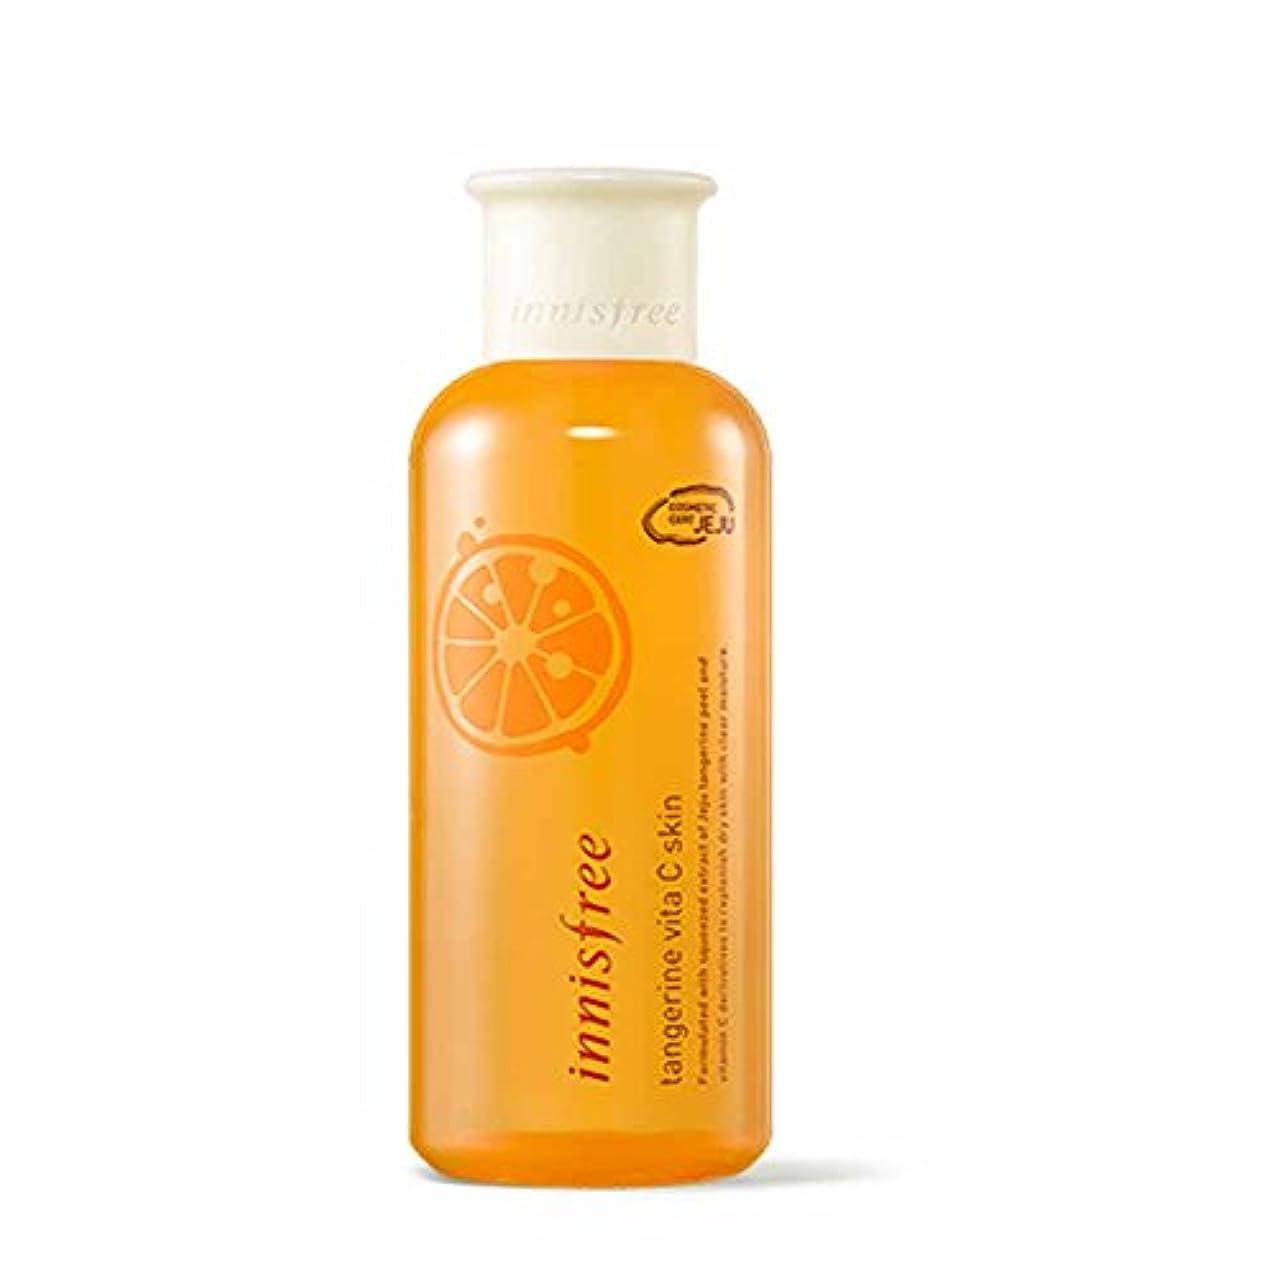 解任どっちでも言語イニスフリータンジェリンビタCスキン(トナー)200ml Innisfree Tangerine Vita C Skin(Toner) 200ml [海外直送品][並行輸入品]